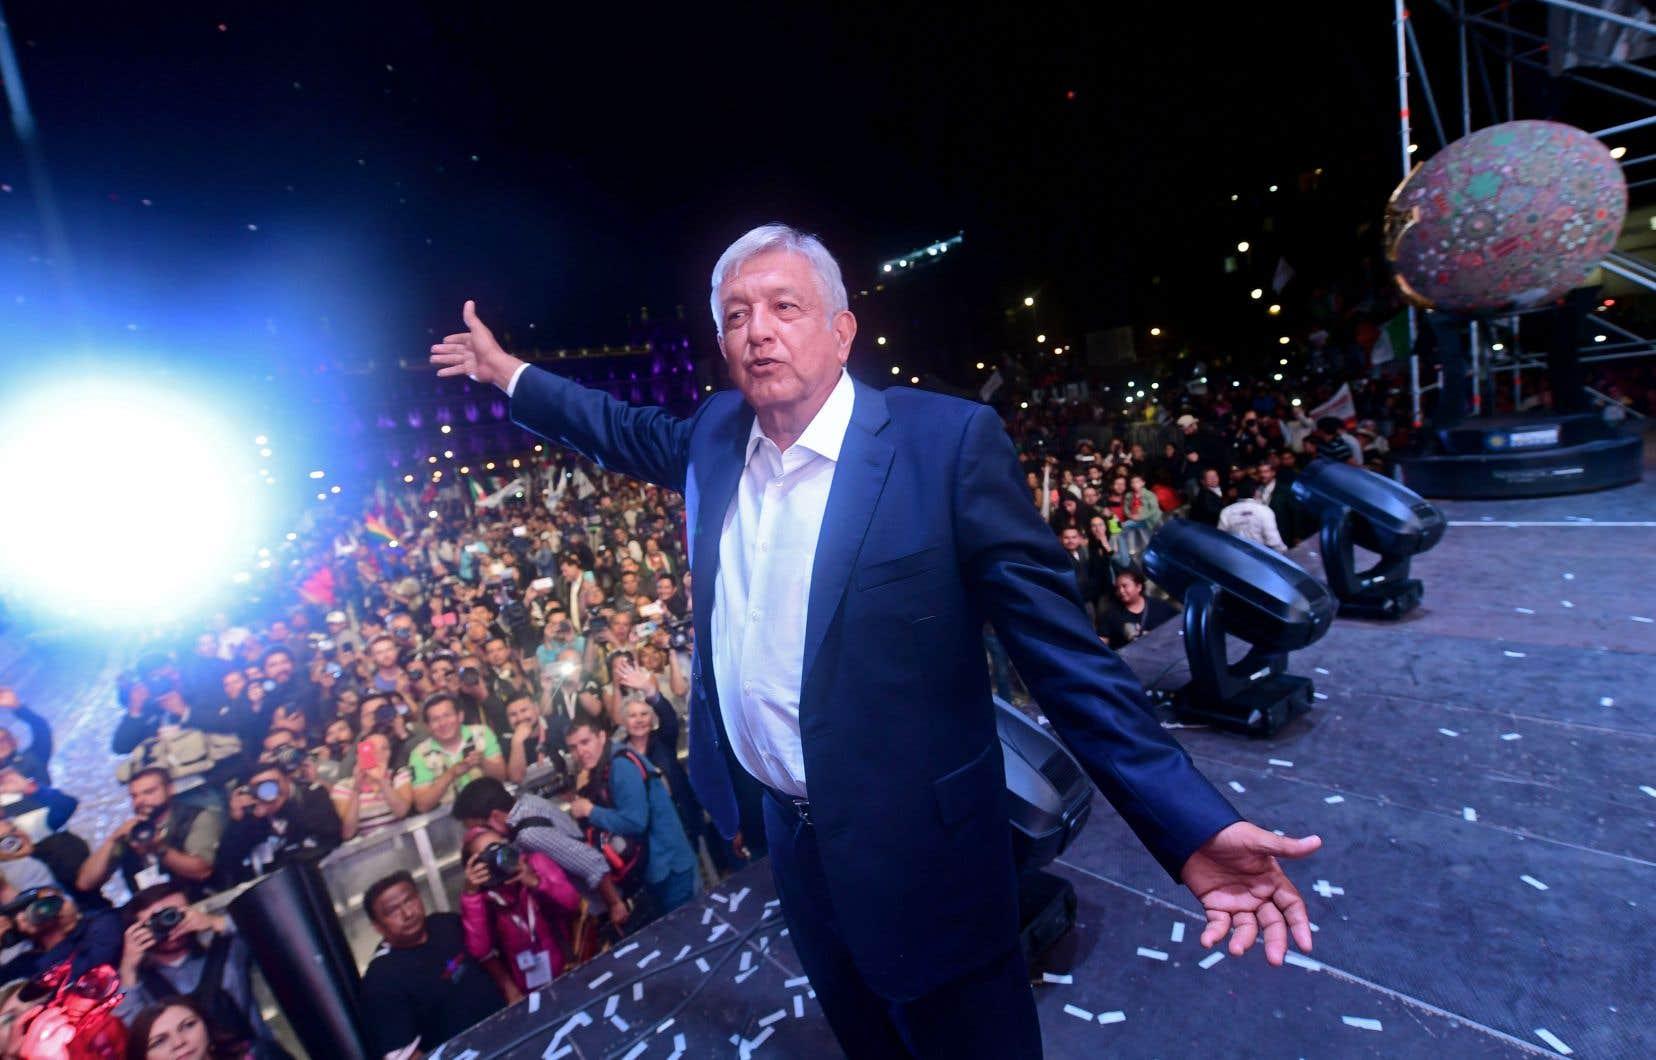 AMLO, comme on le surnomme, est loin d'être un outsider en politique mexicaine. Les Mexicains l'ont connu comme maire de la ville de Mexico de 2000 à 2005, puis comme candidat présidentiel sous l'étendard du Parti de la révolution démocratique en 2006 et en 2012.